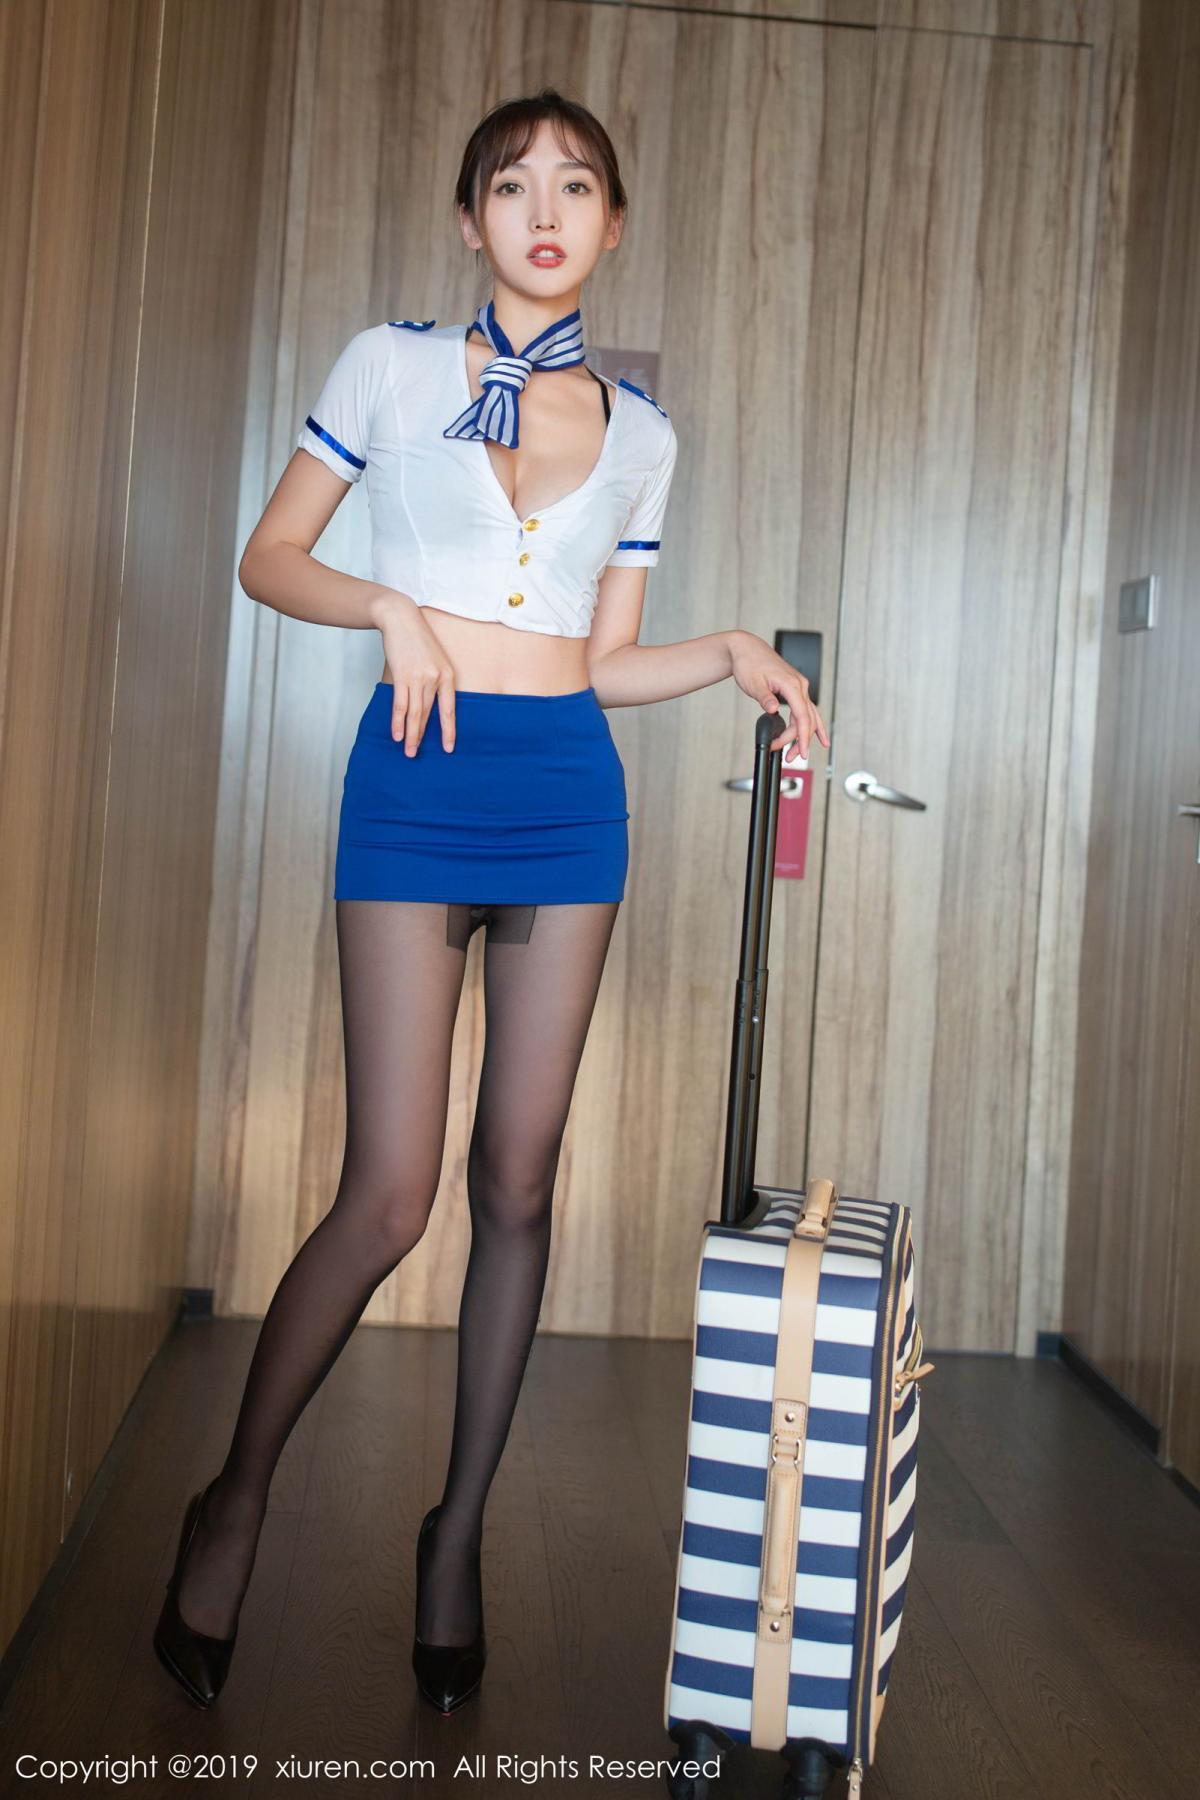 [XiuRen] Vol.1716 Lu Xuan Xuan 2 32P, Black Silk, Lu Xuan Xuan, Stewardess, Uniform, Xiuren